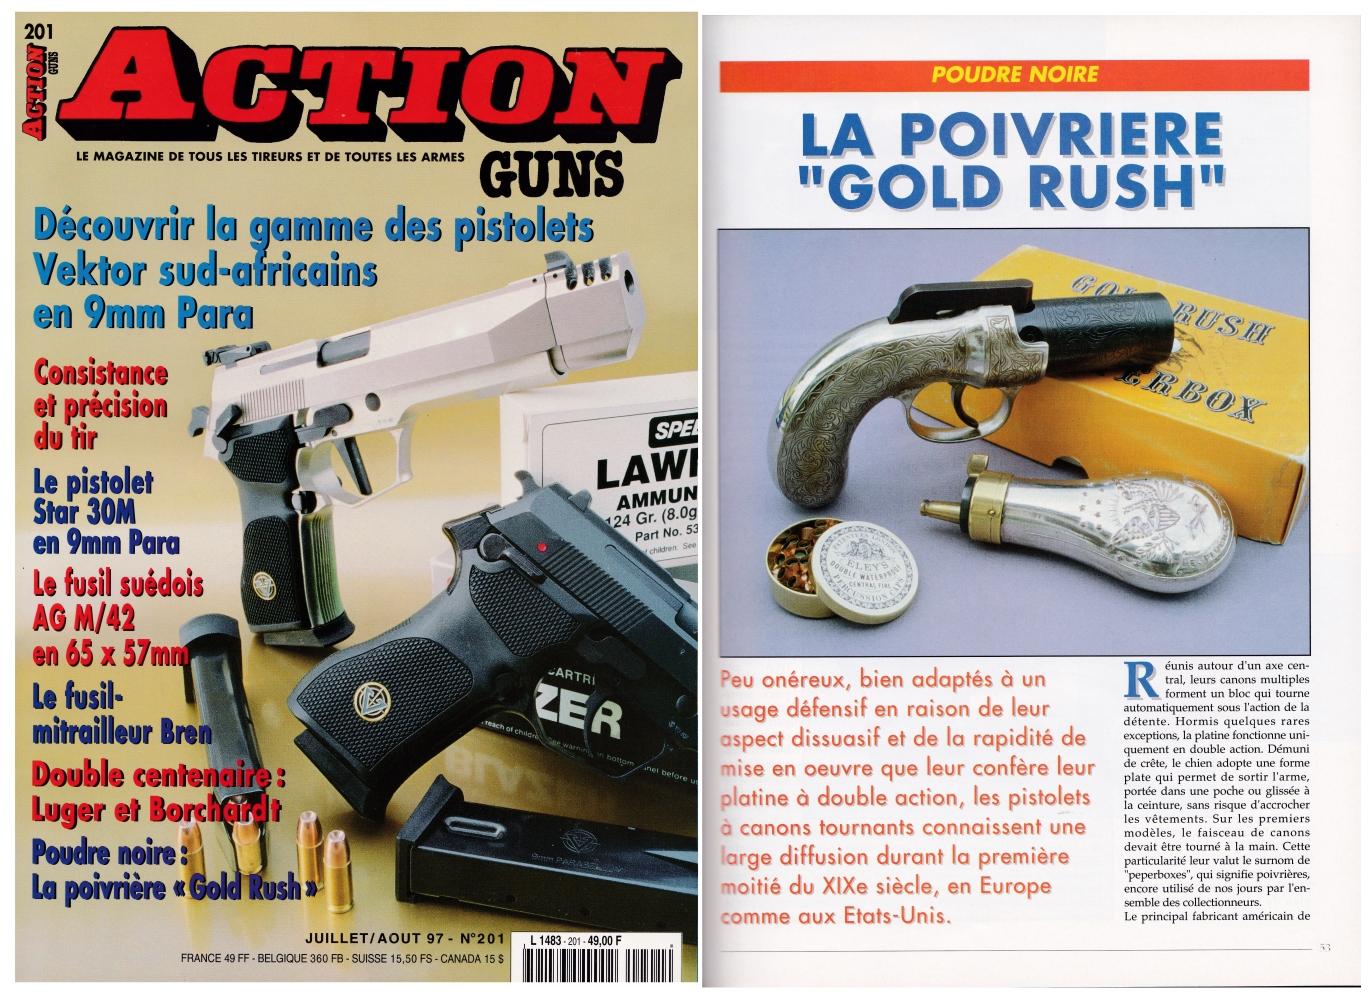 Le banc d'essai de la poivrière Astra « Gold Rush » a été publié sur 5 pages dans le magazine Action Guns n°201 (juillet-août 1997)